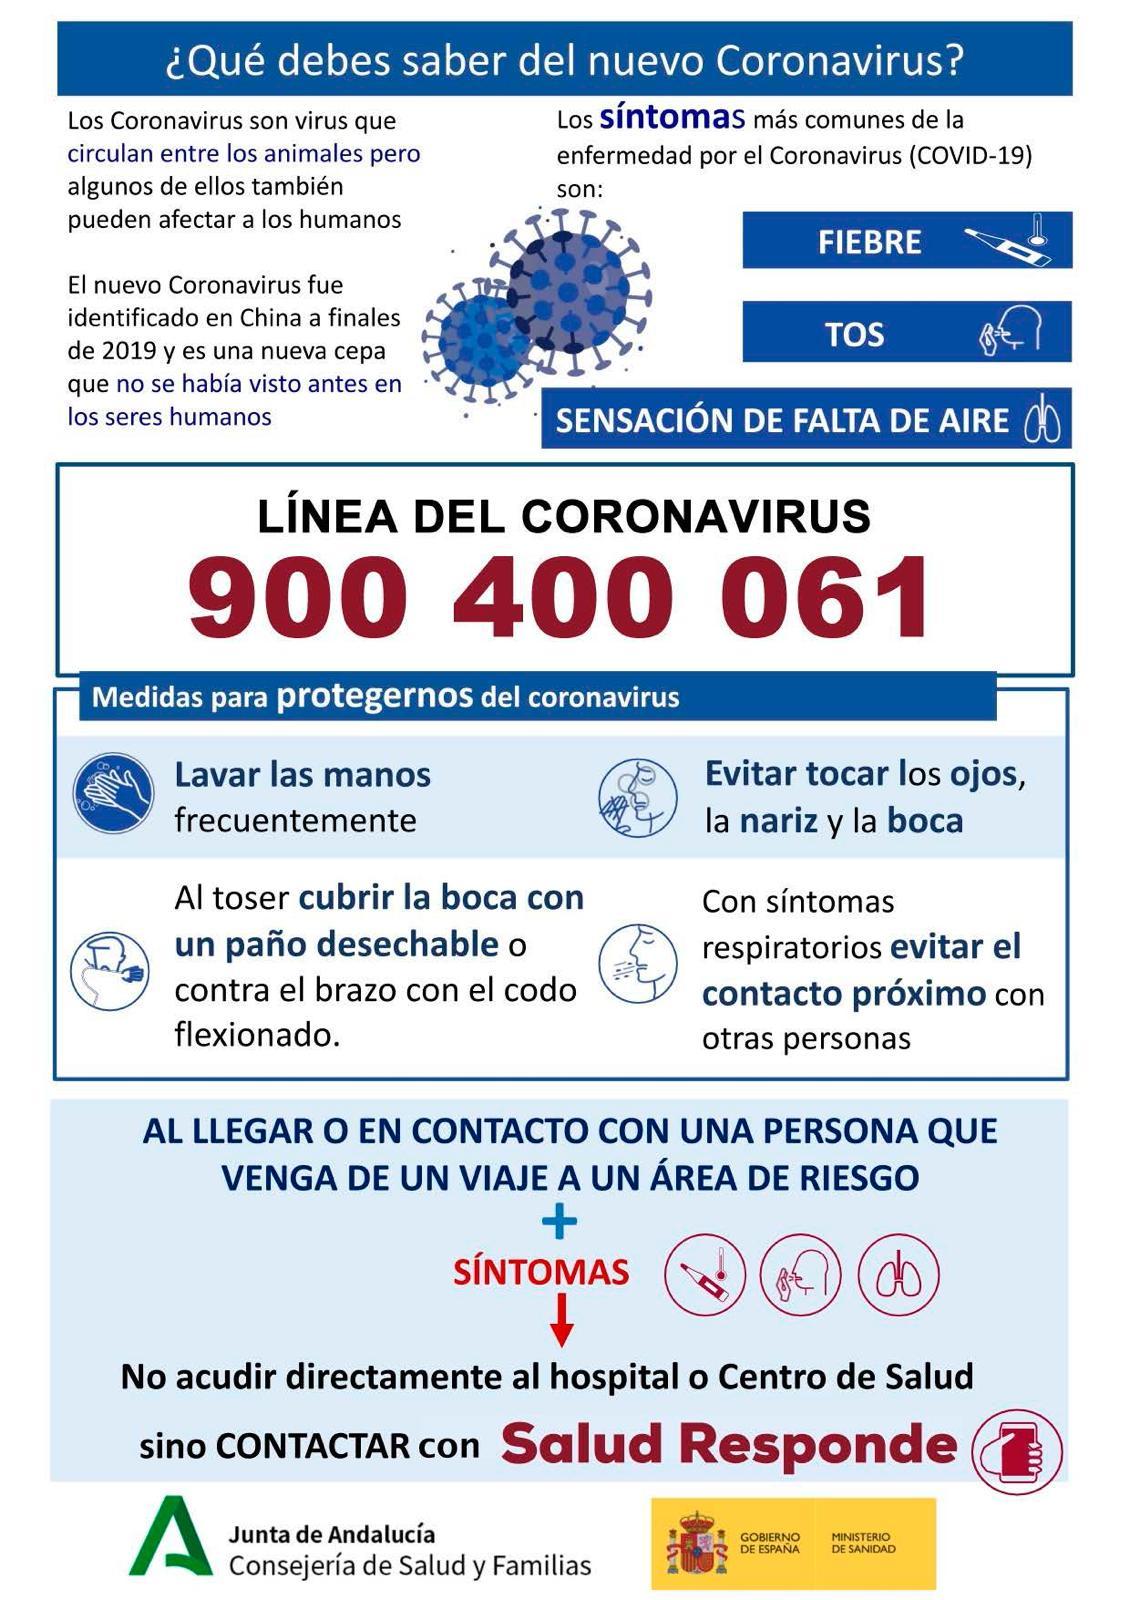 ¿Qué debe saber sobre el coronavirus?